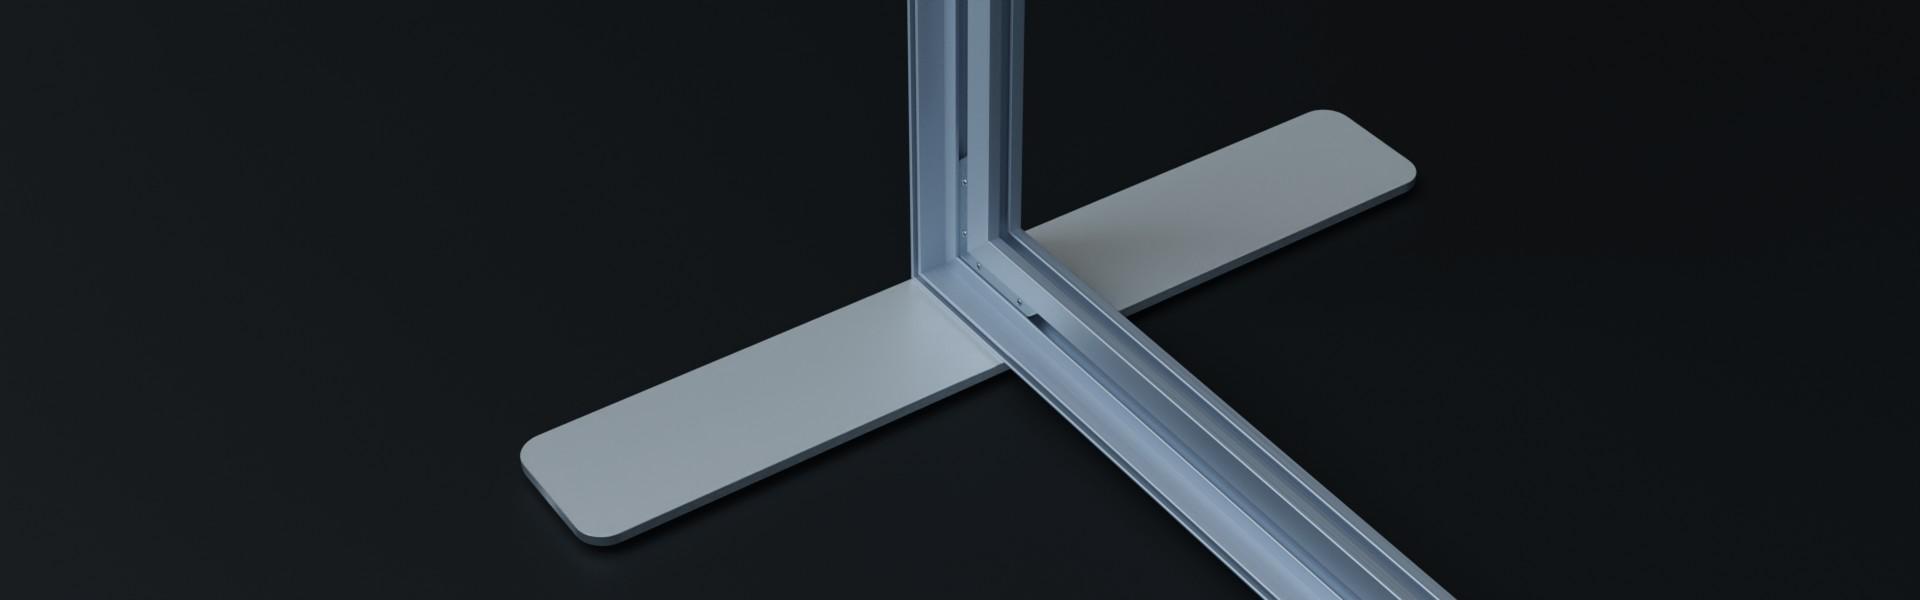 AluFrame duo: Aluminium Profilschienen mit Eckverbindern und eleganten Standfüßen